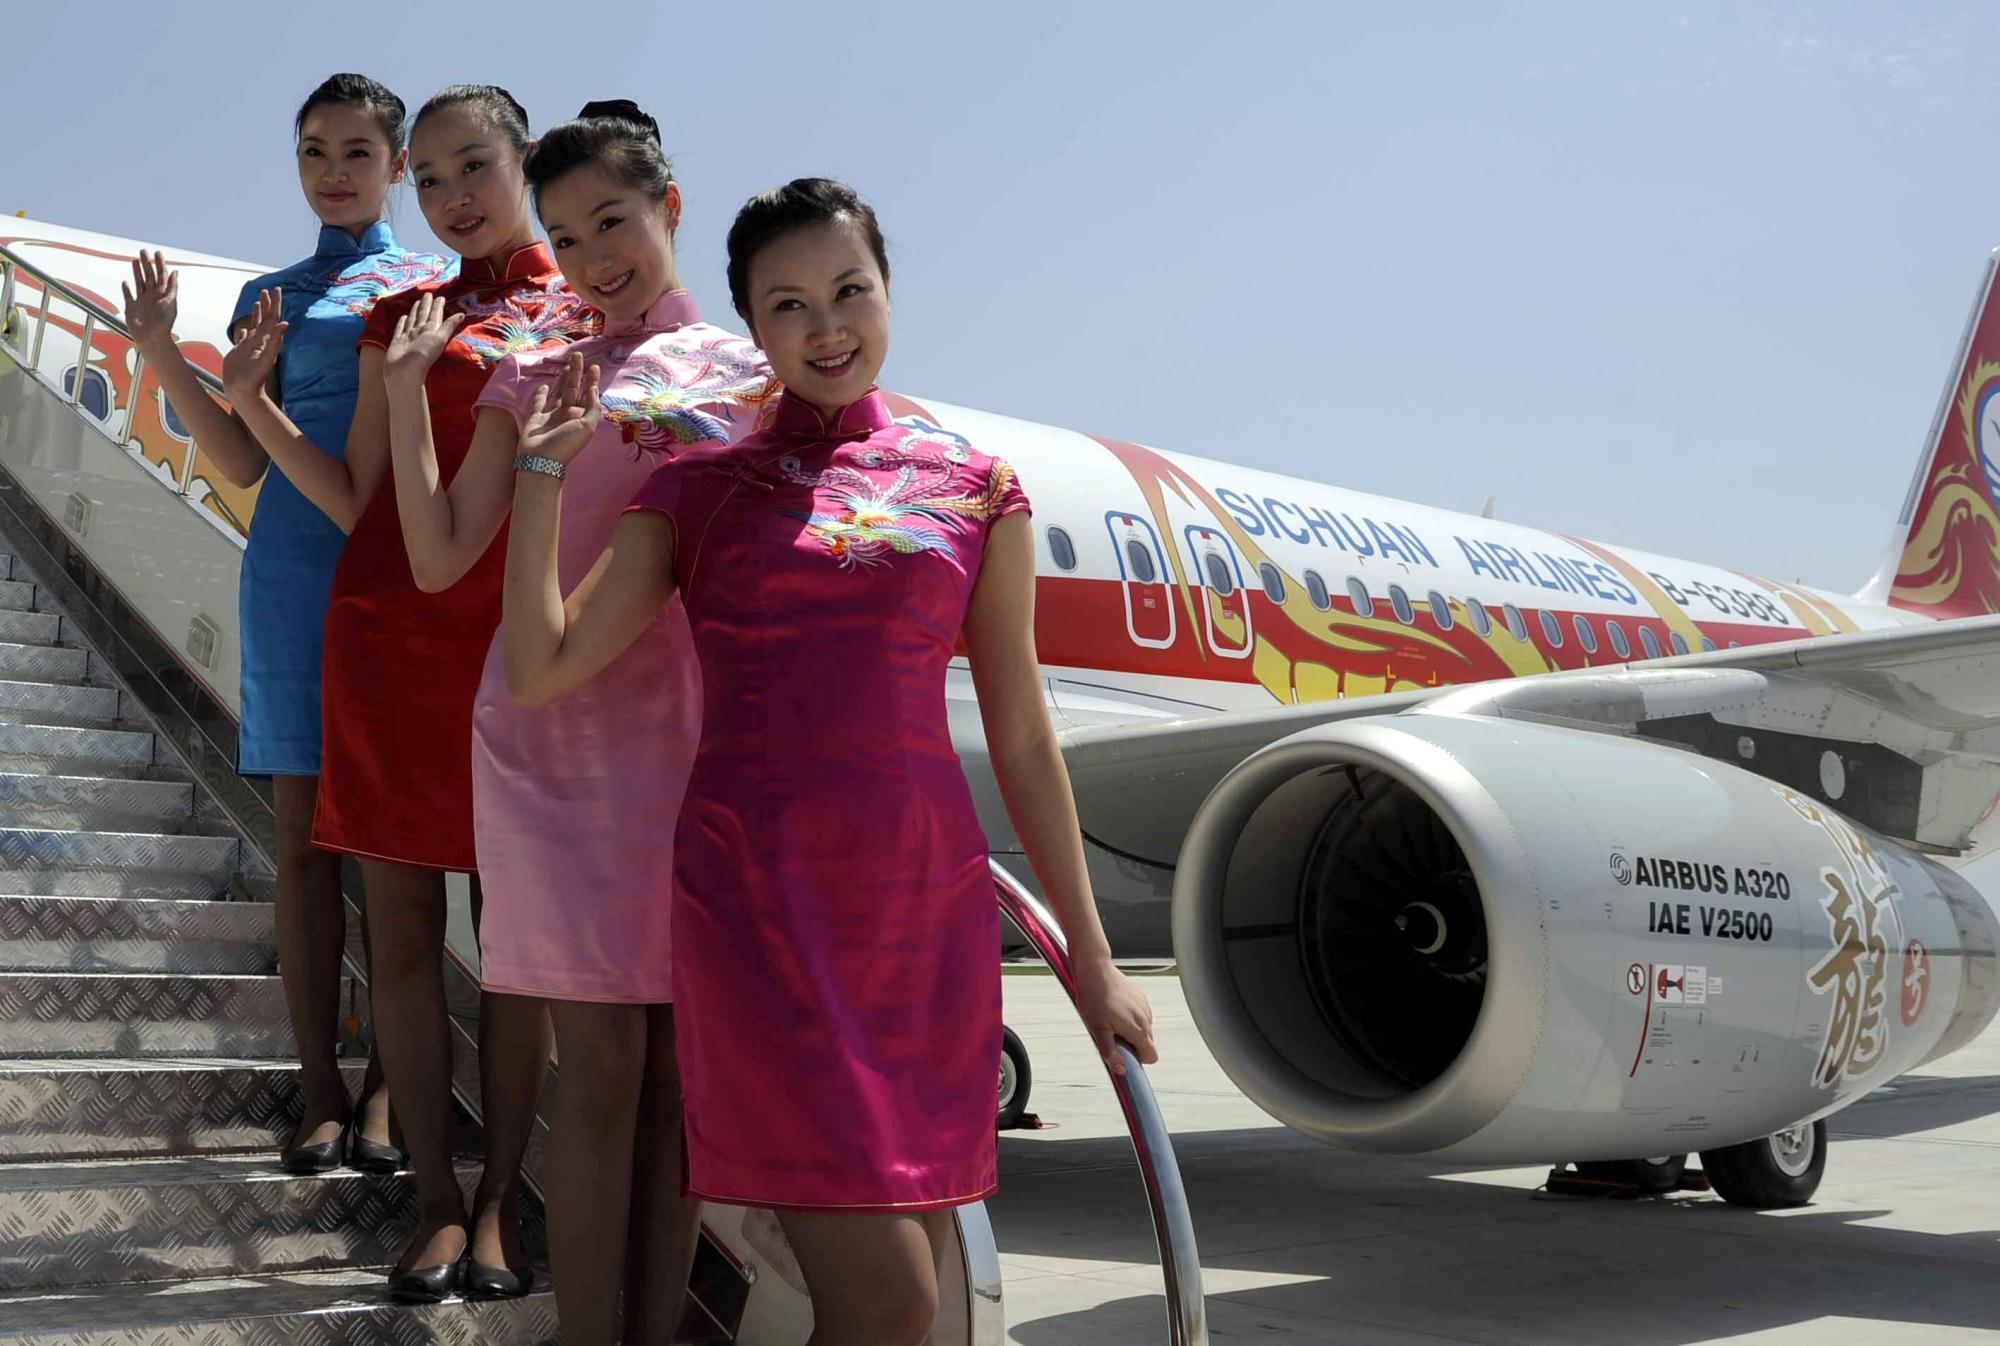 交付川航的首架A320飞机飞抵成都脚美女踩动物图片